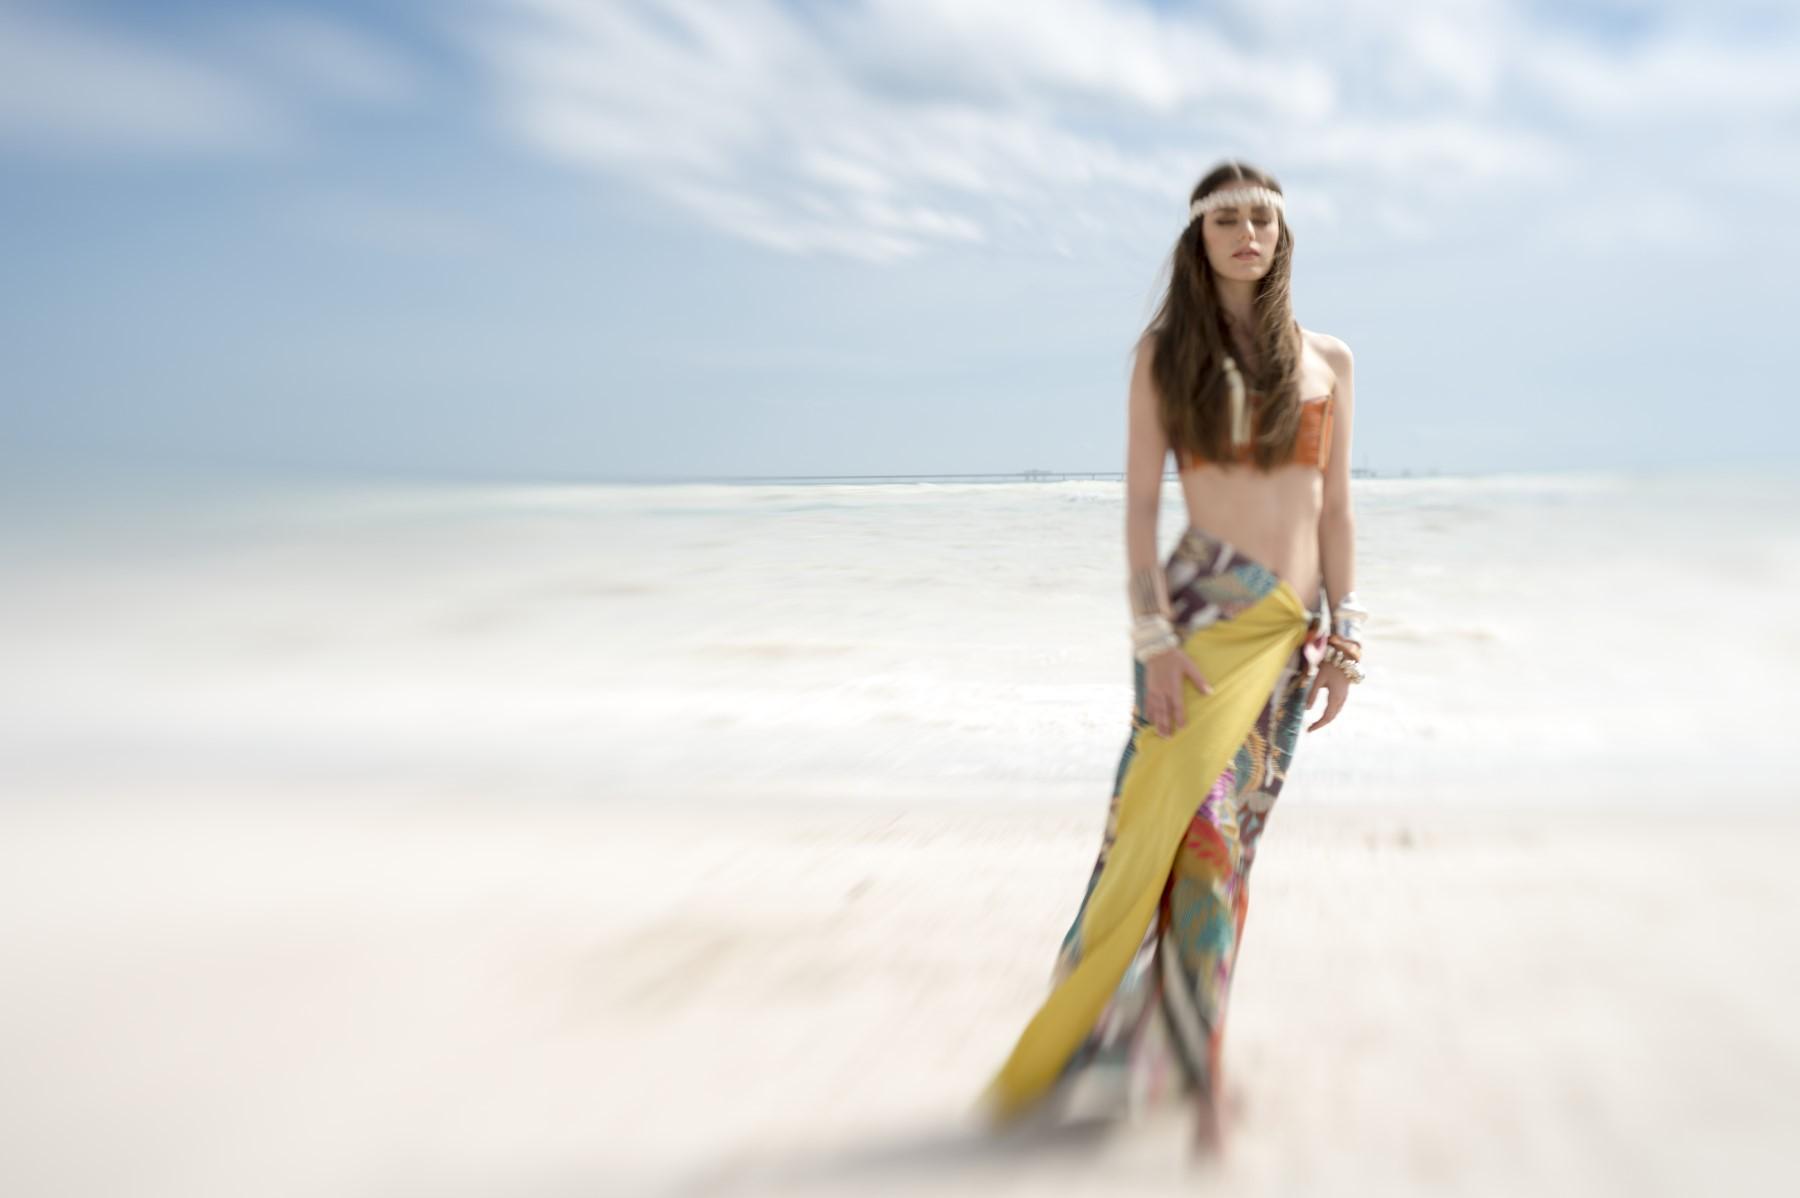 ROP70_061_editoriale Fashion/Adv